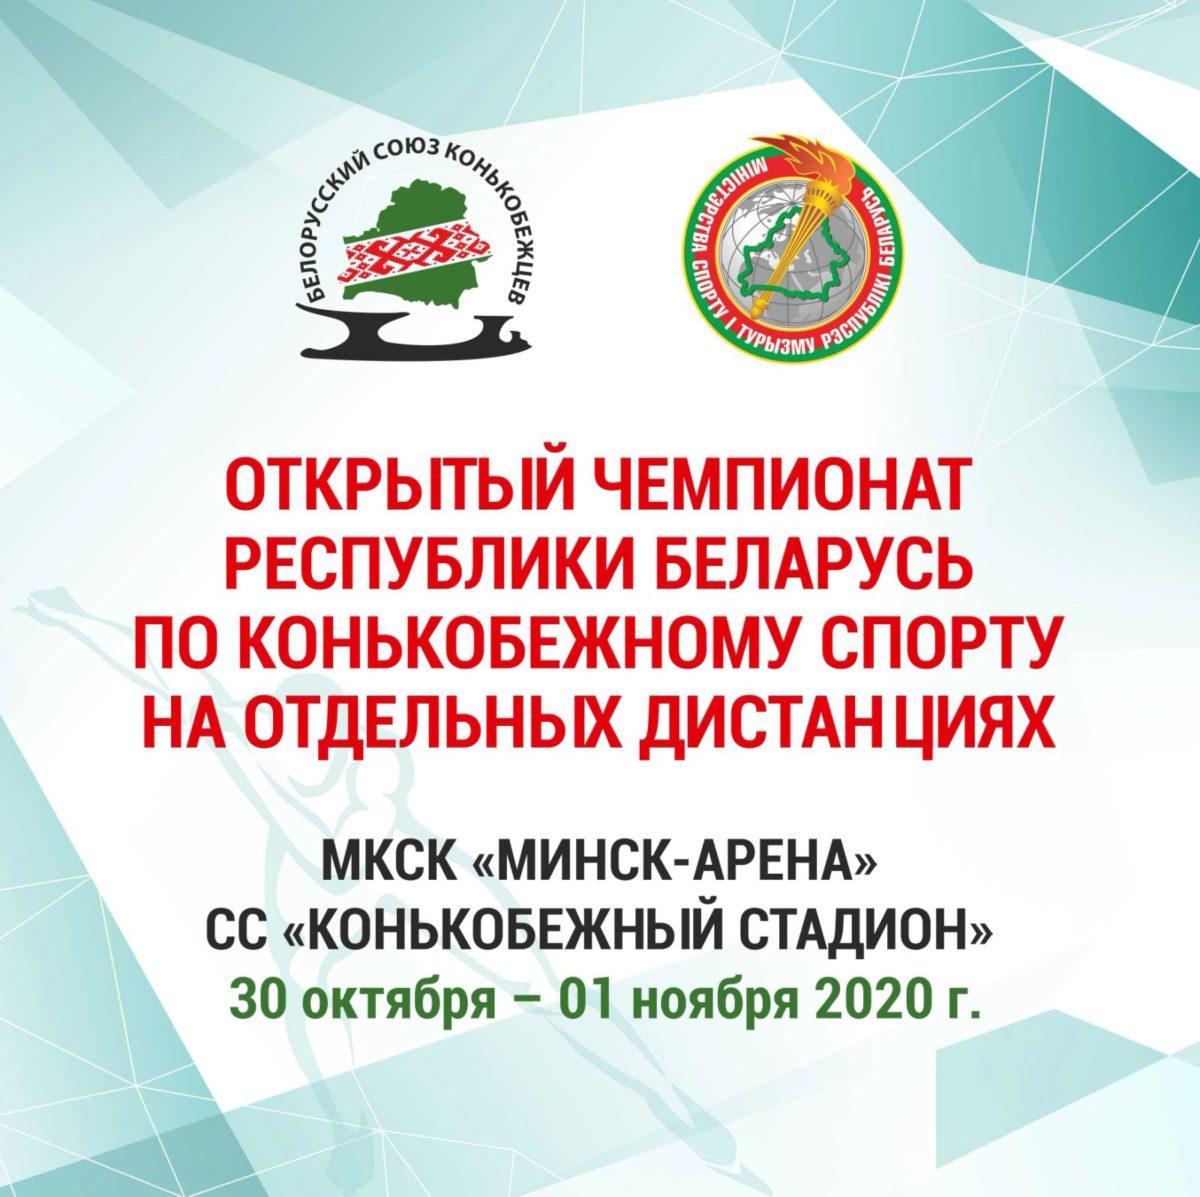 Открытый Чемпионат Республики Беларусь по конькобежному спорту на отдельных дистанциях